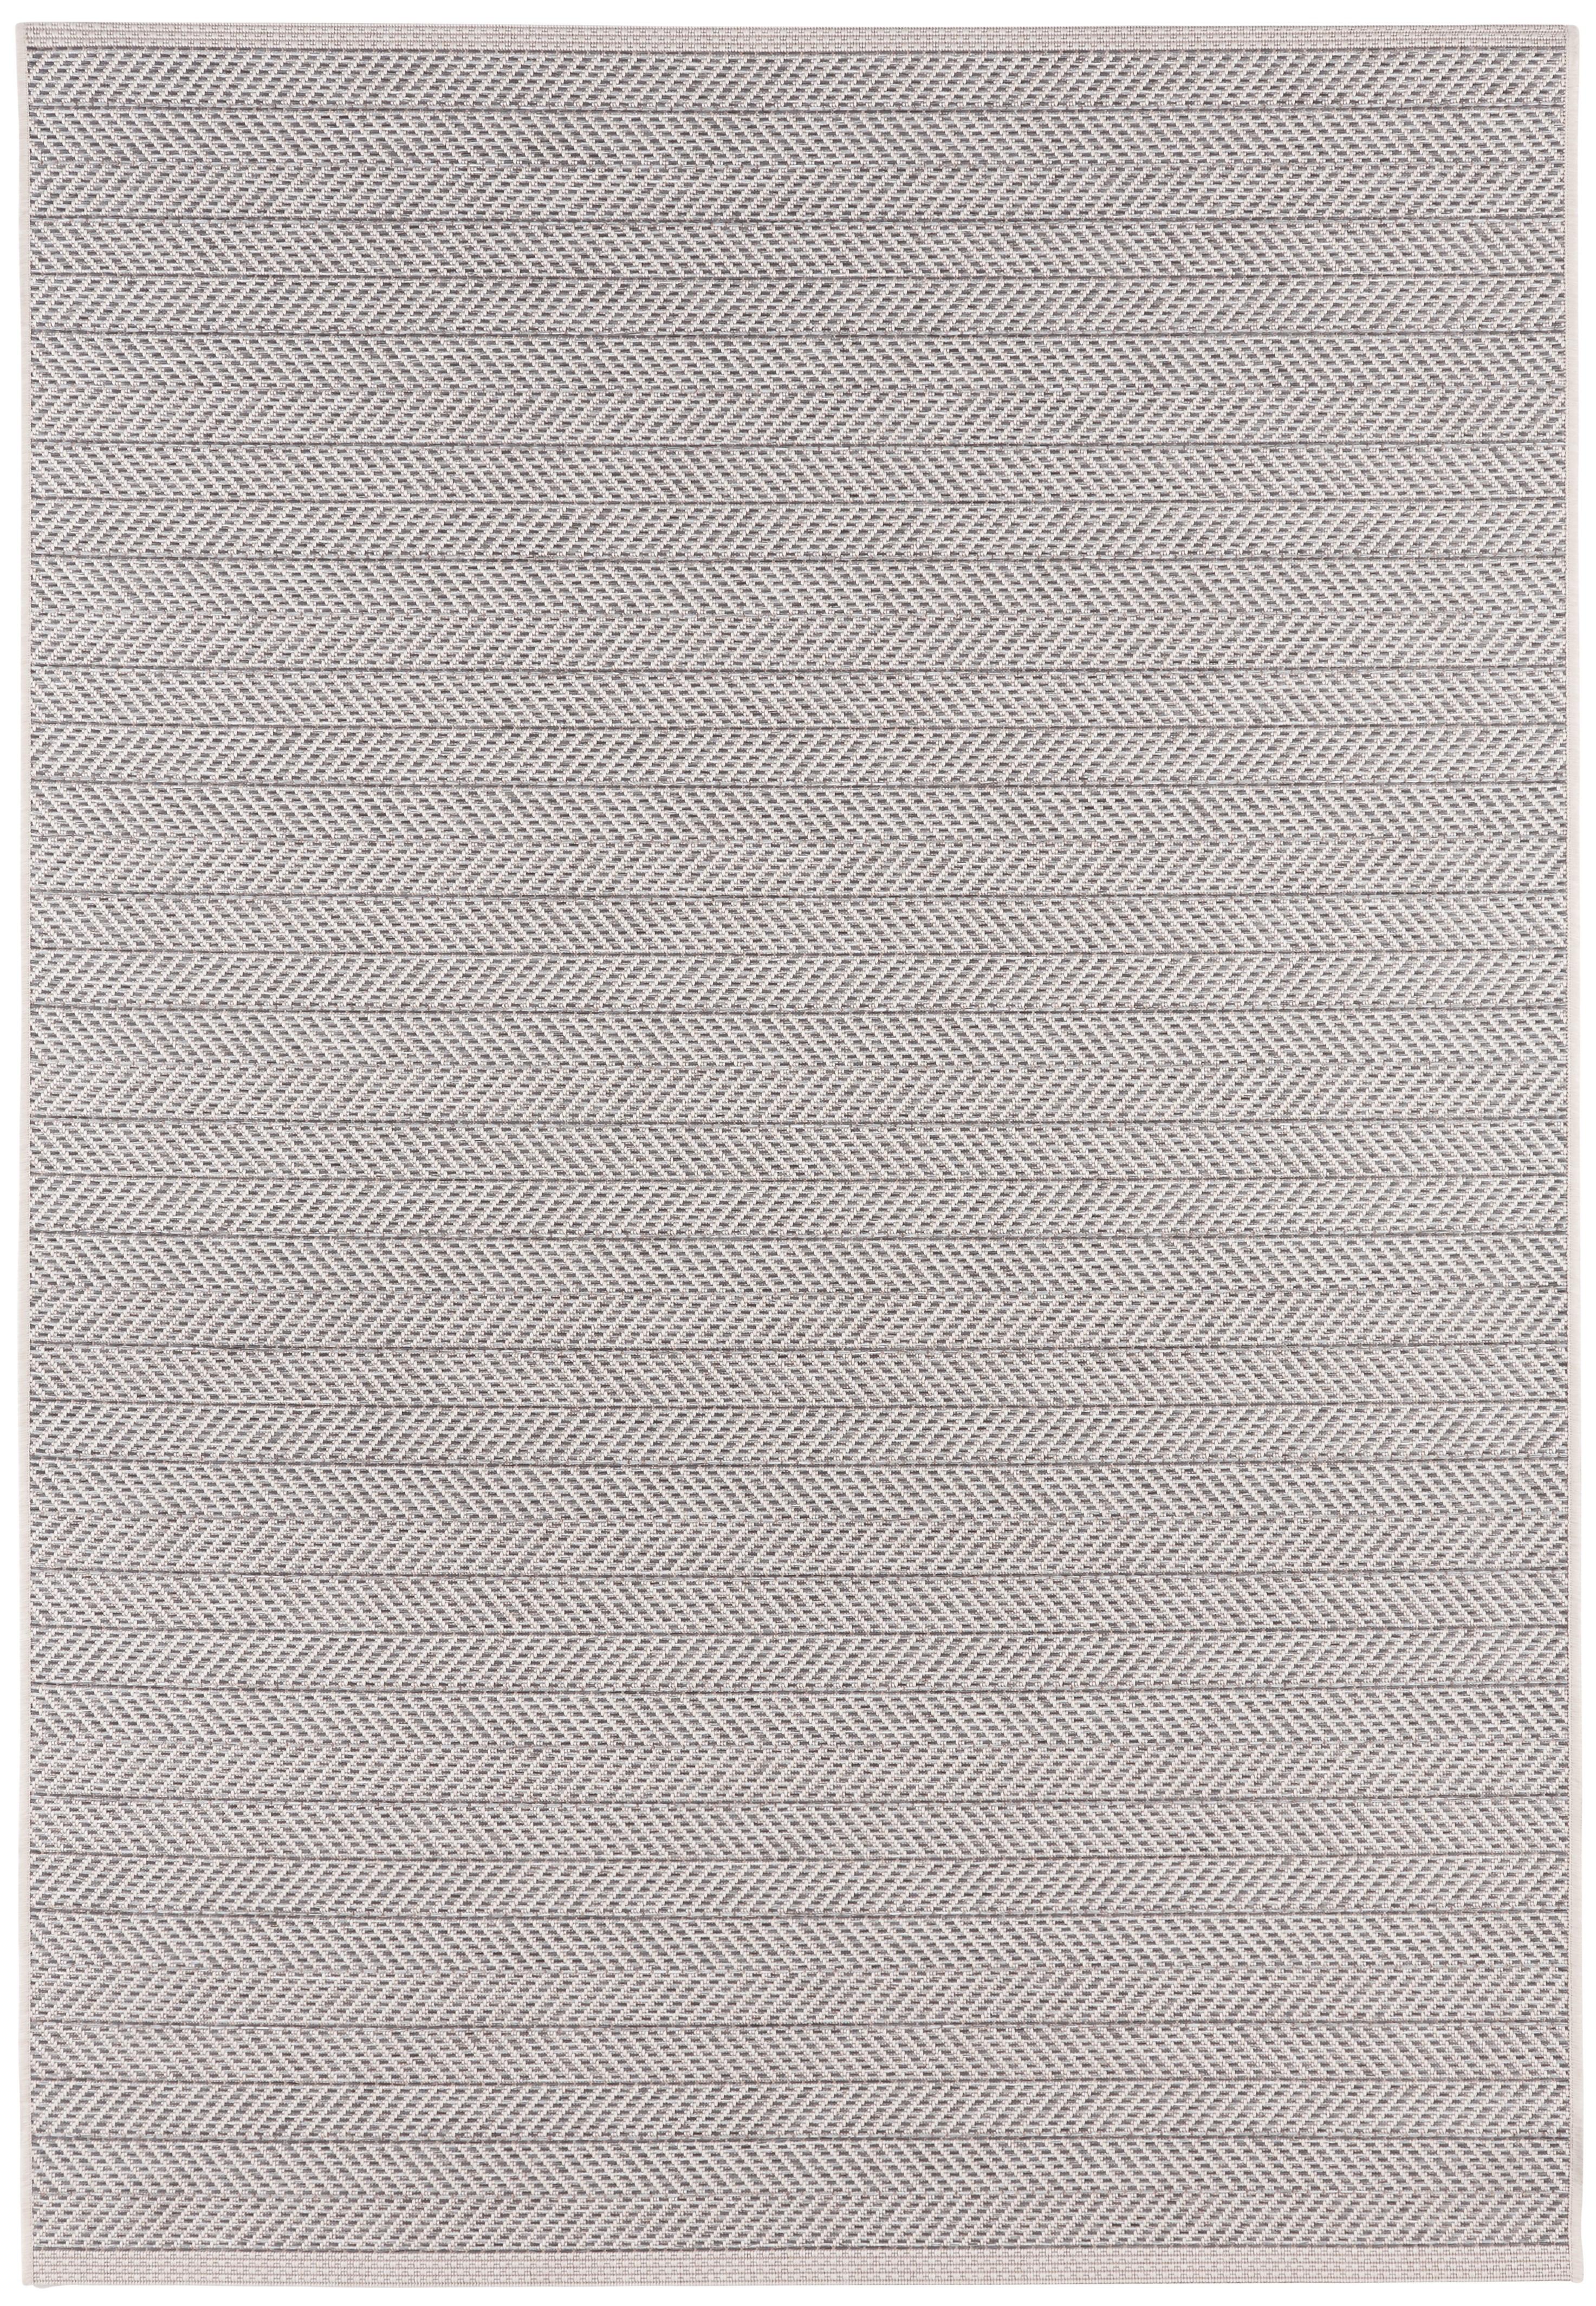 Bougari - Hanse Home koberce Kusový koberec Botany Grey 103309 - 140x200 cm